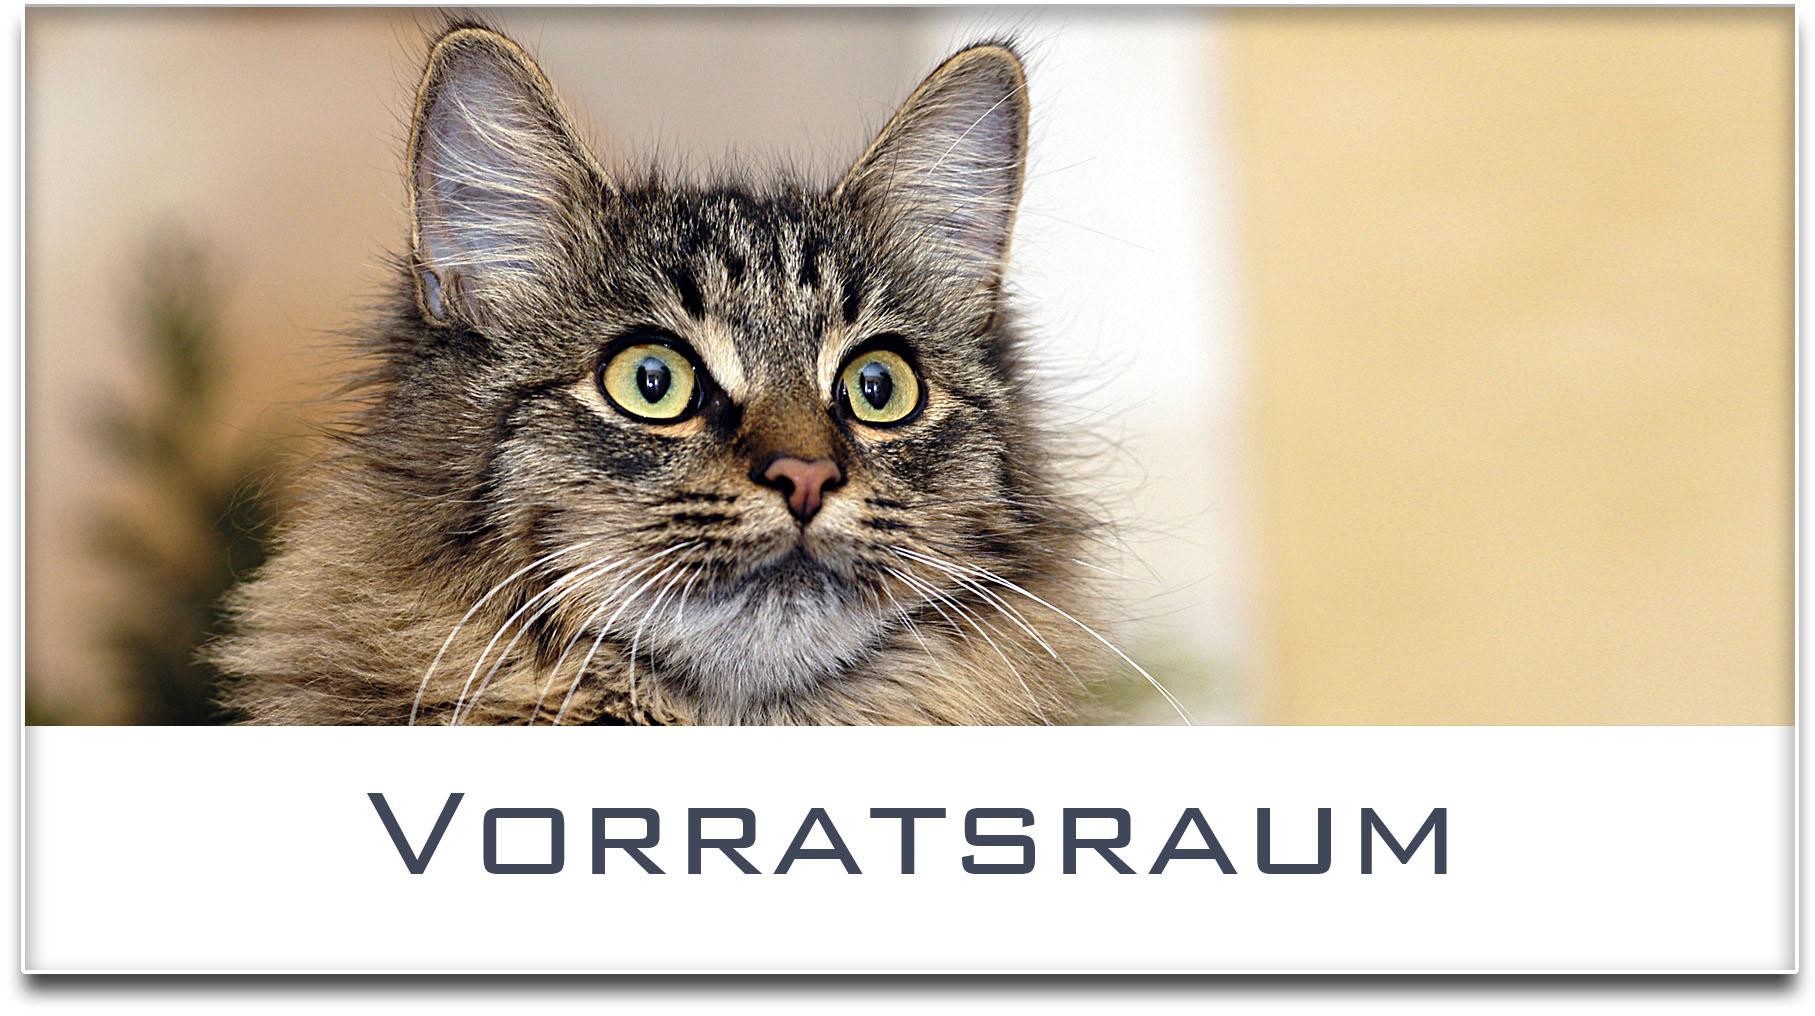 Türschild / Haustürschild / Katze / Vorratsraum / Selbstklebend